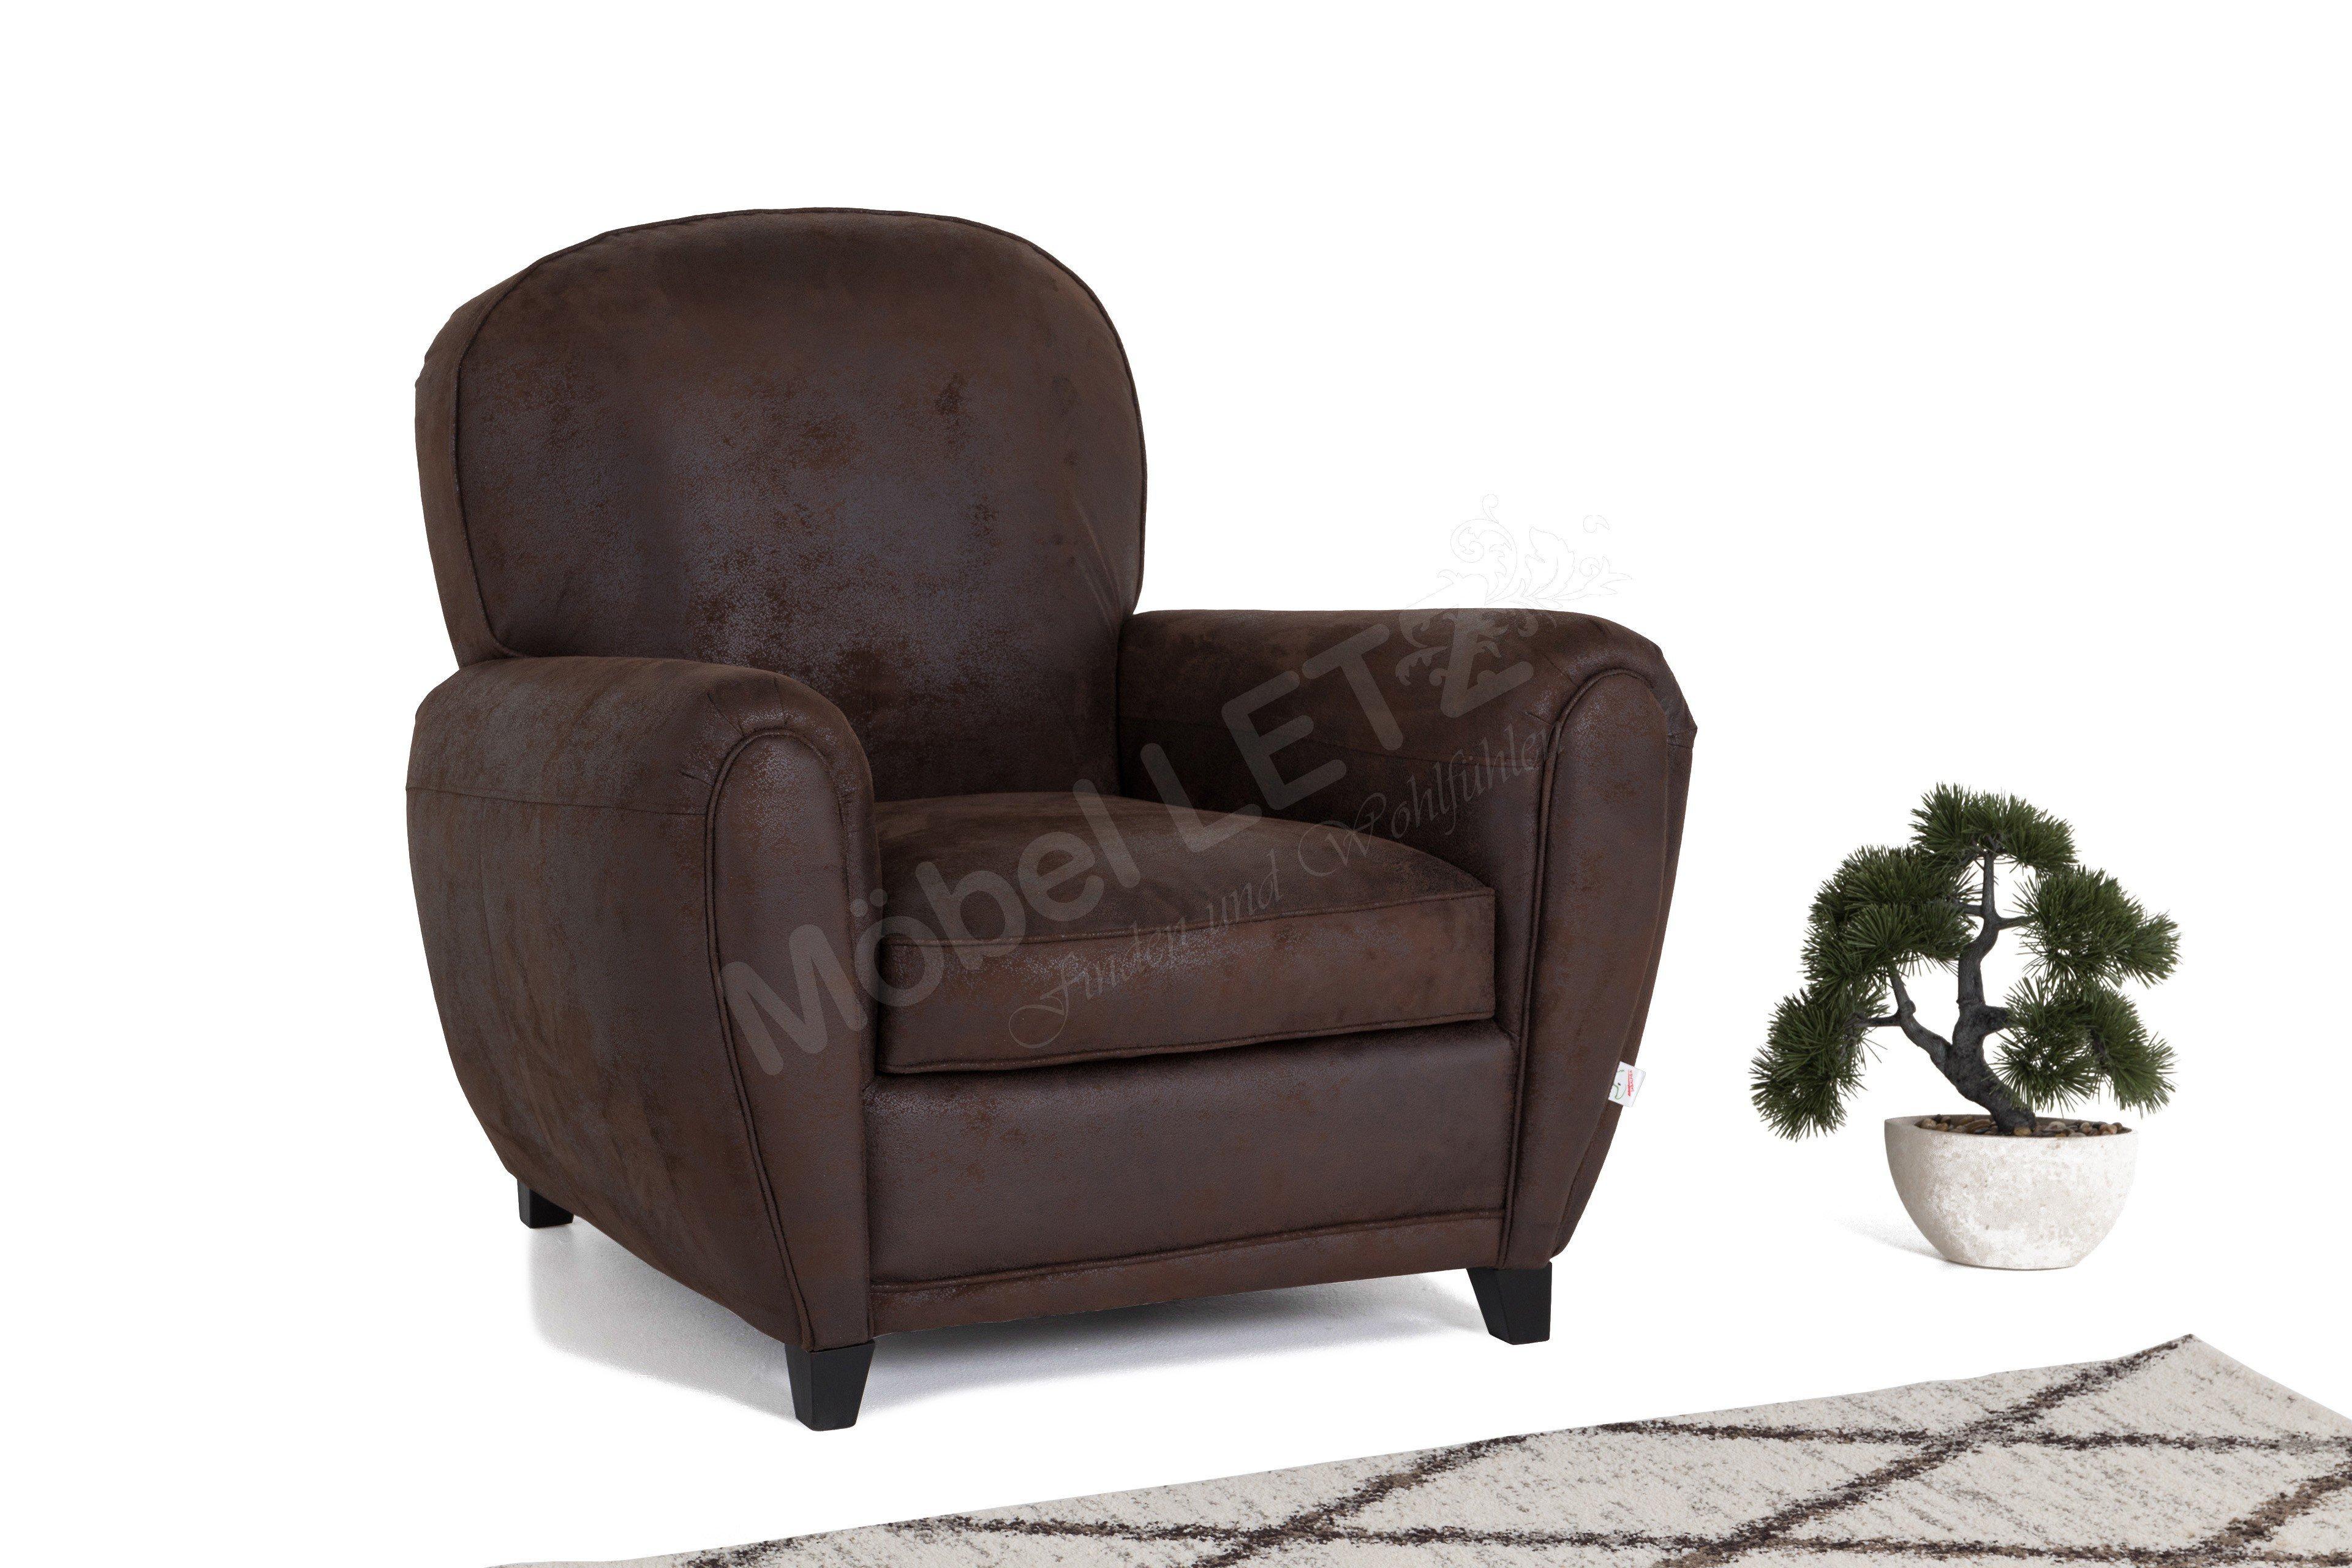 tabalugas lebenstraum sessel in braun m bel letz ihr online shop. Black Bedroom Furniture Sets. Home Design Ideas